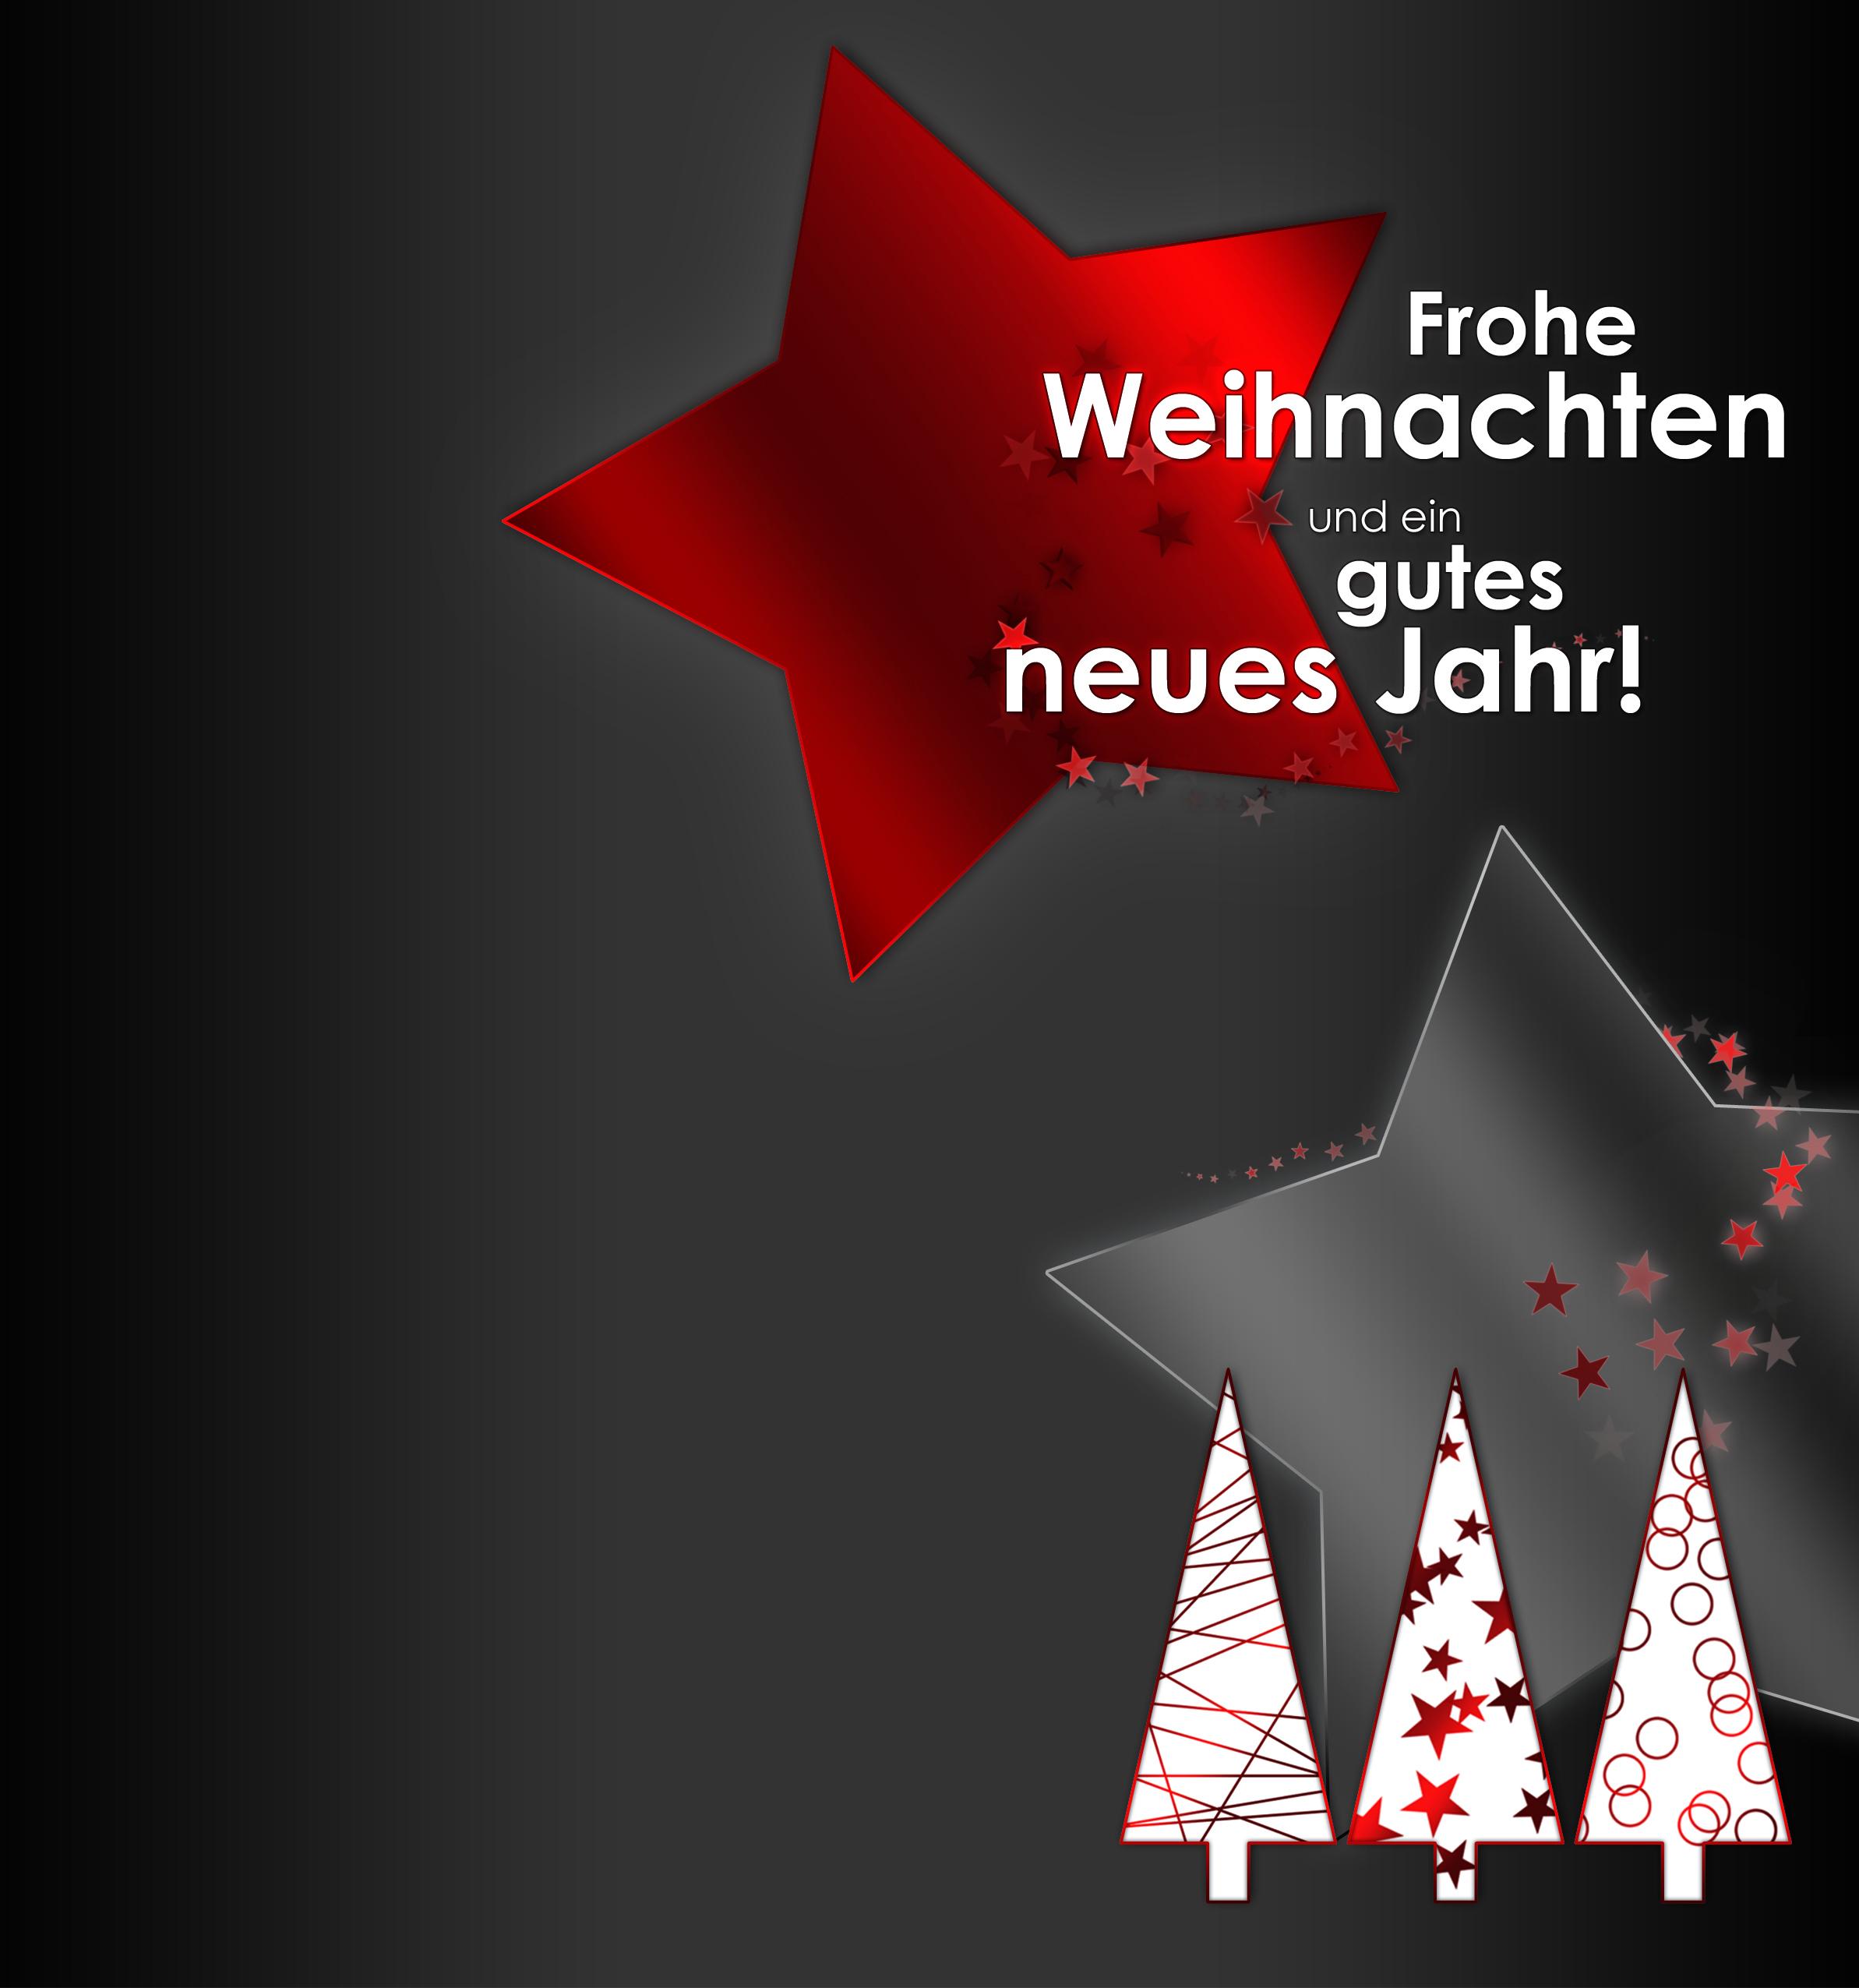 Frohe Weihnachten Download.Vorlagen Weihnachtskarten Rainbowprint